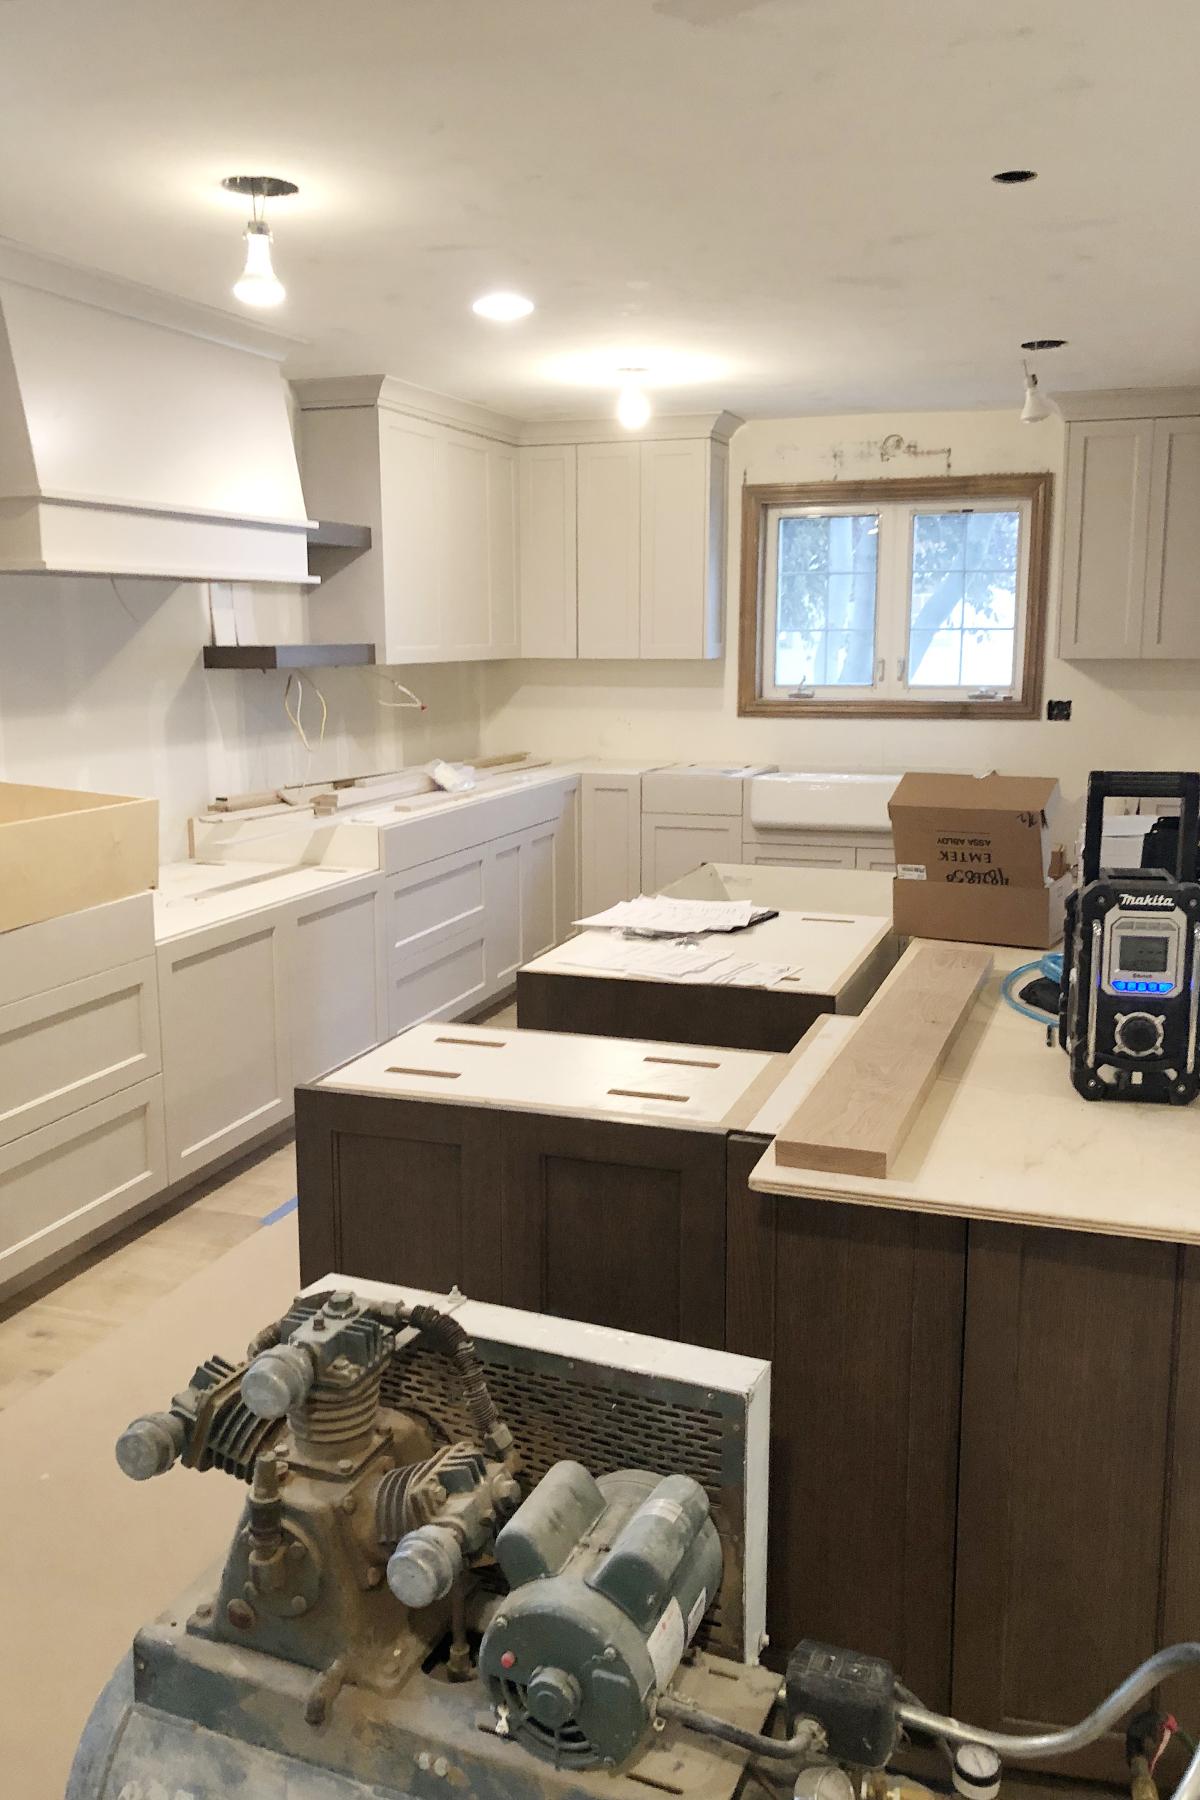 Midway kitchen in progress